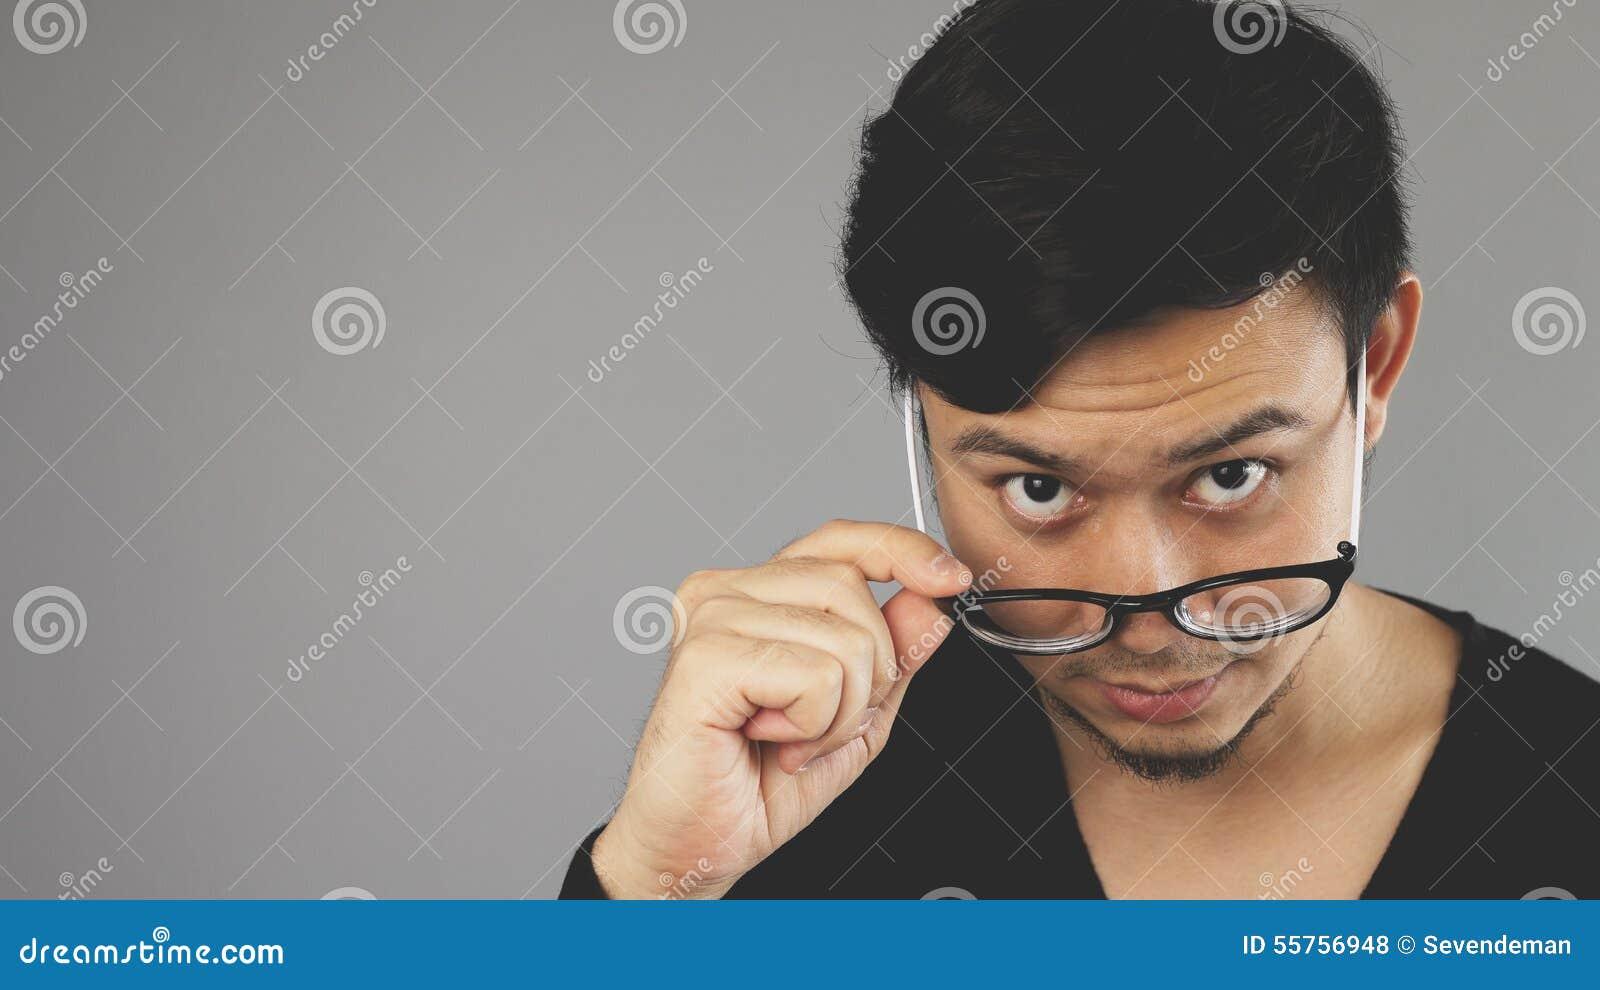 An eyeglasses guy looking at camera.